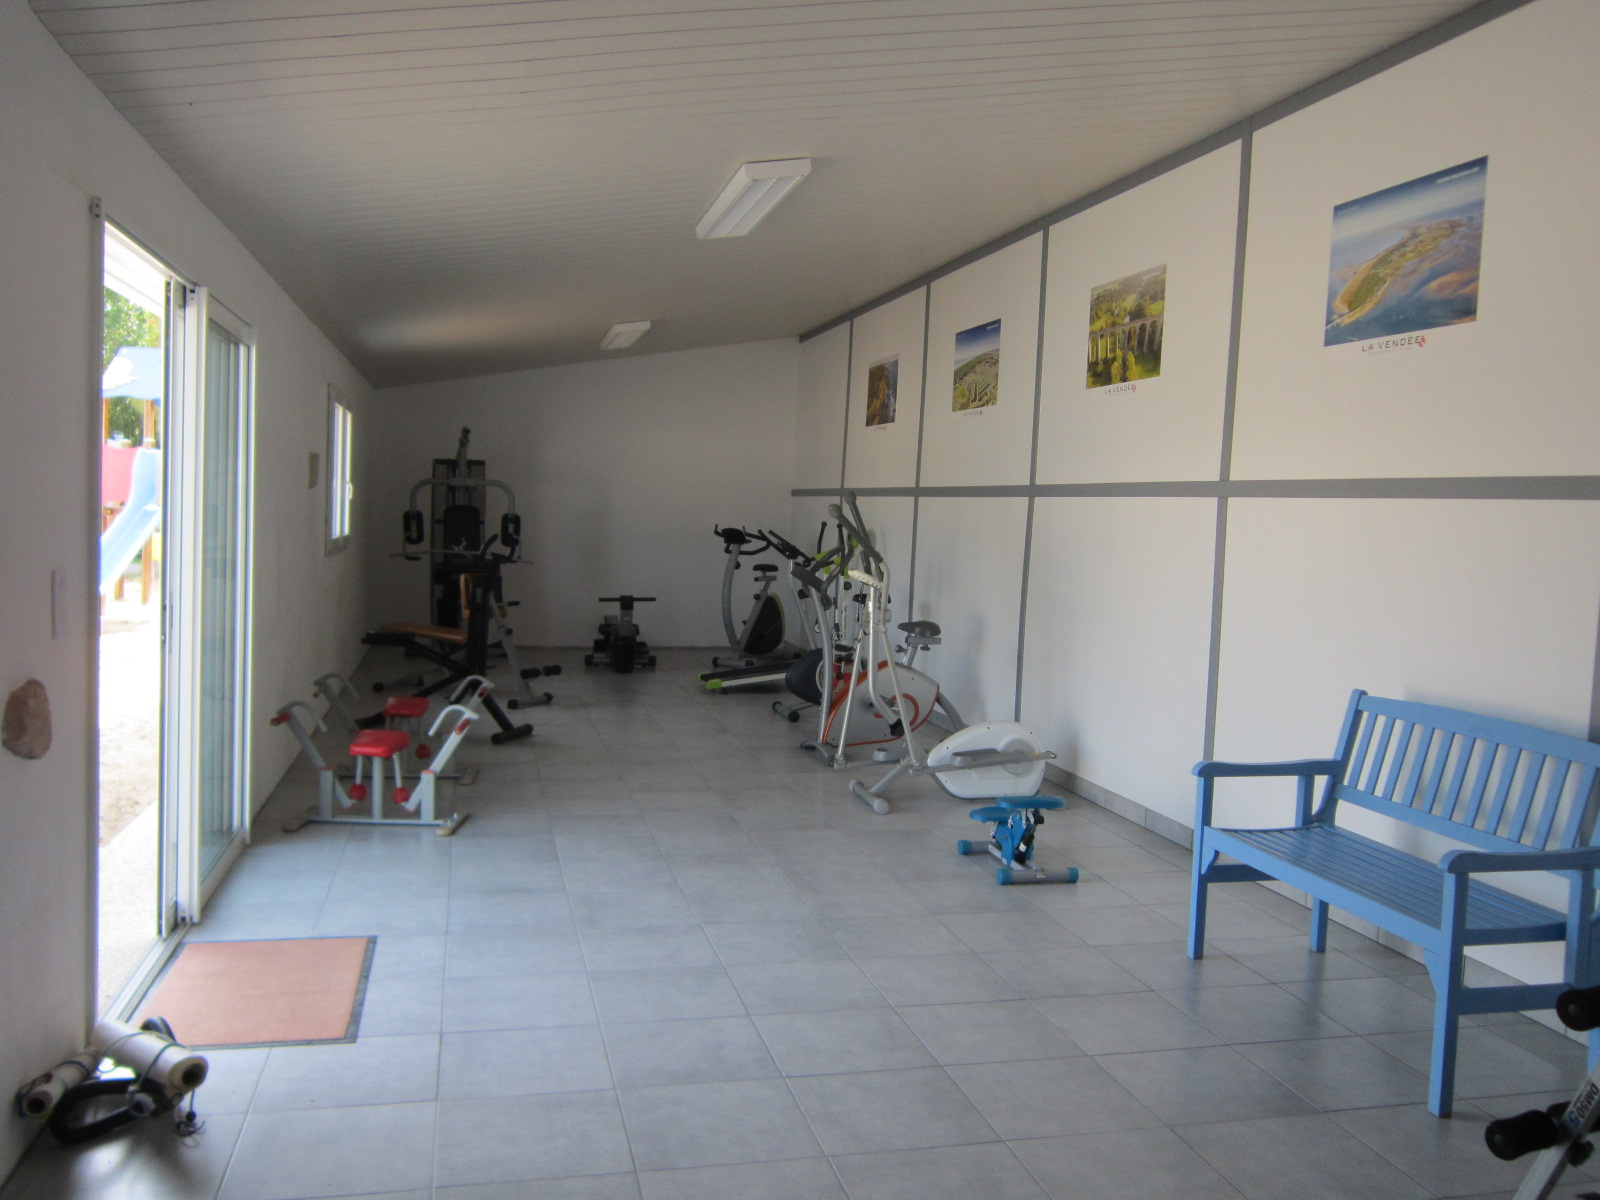 Loisirs fitness sport